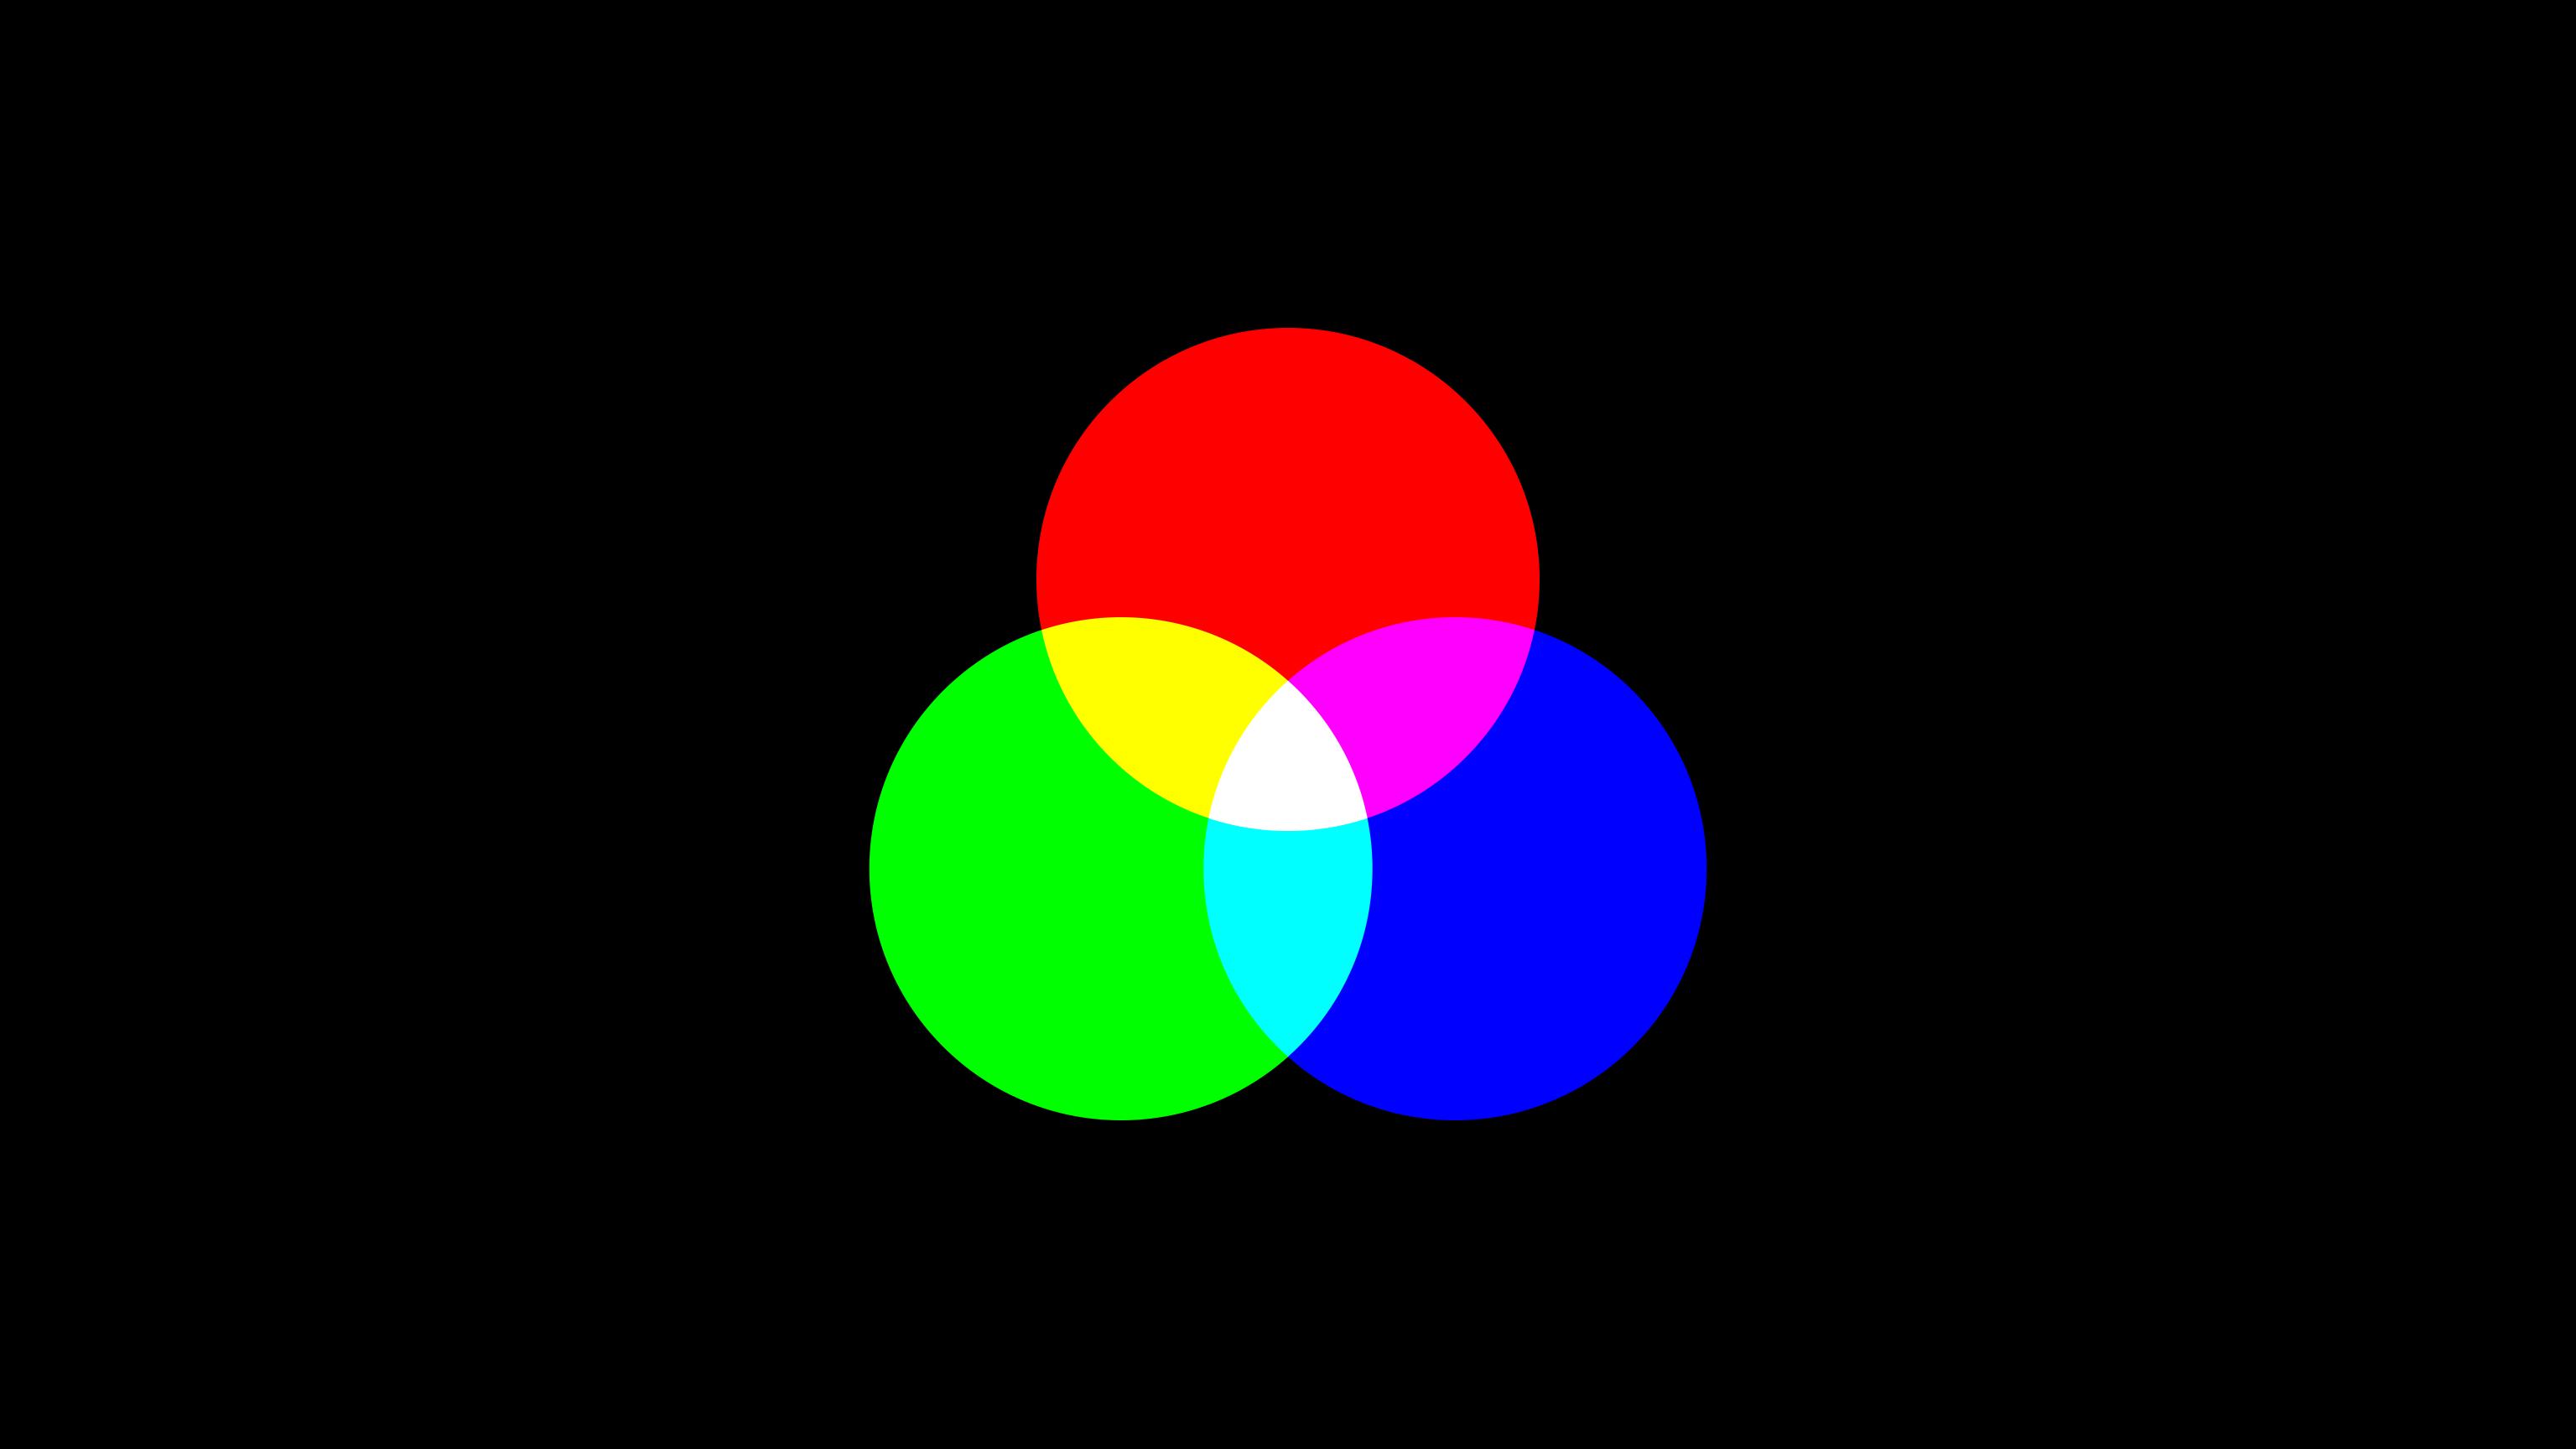 RGB 컬러 모델